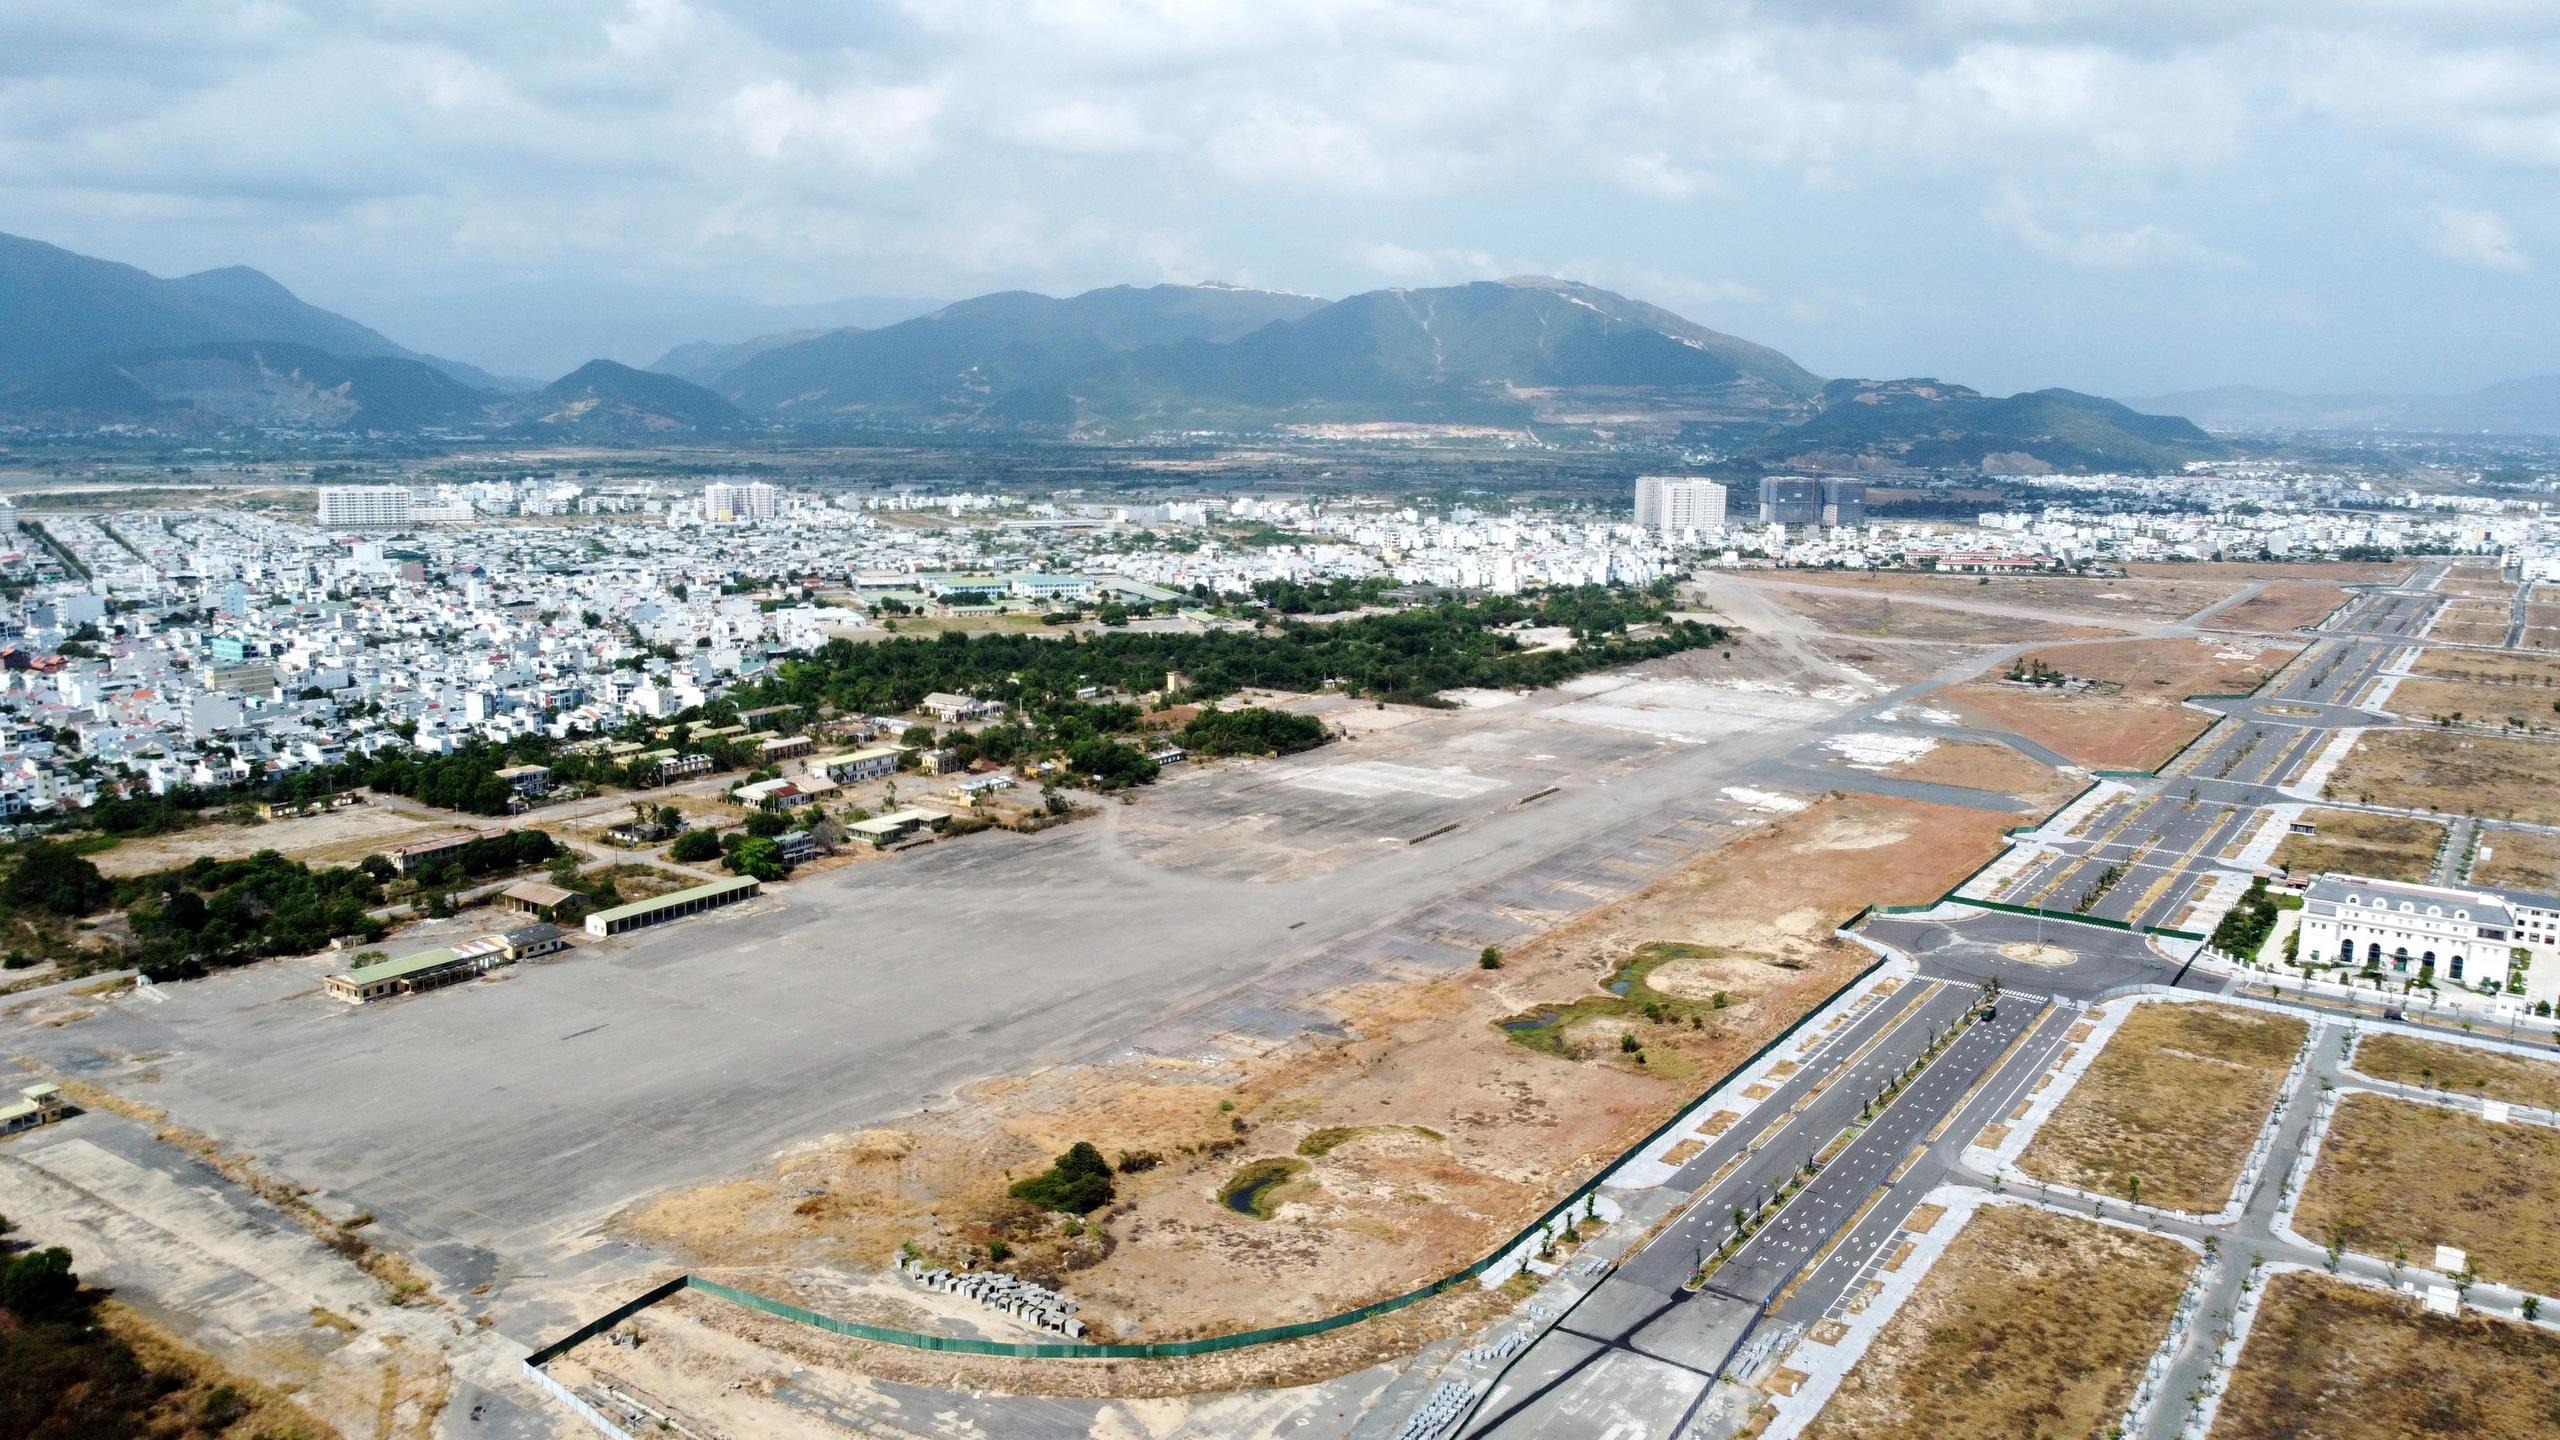 Cận cảnh khu đất sân bay Nha Trang cũ chuẩn bị đấu giá đất - Ảnh 13.